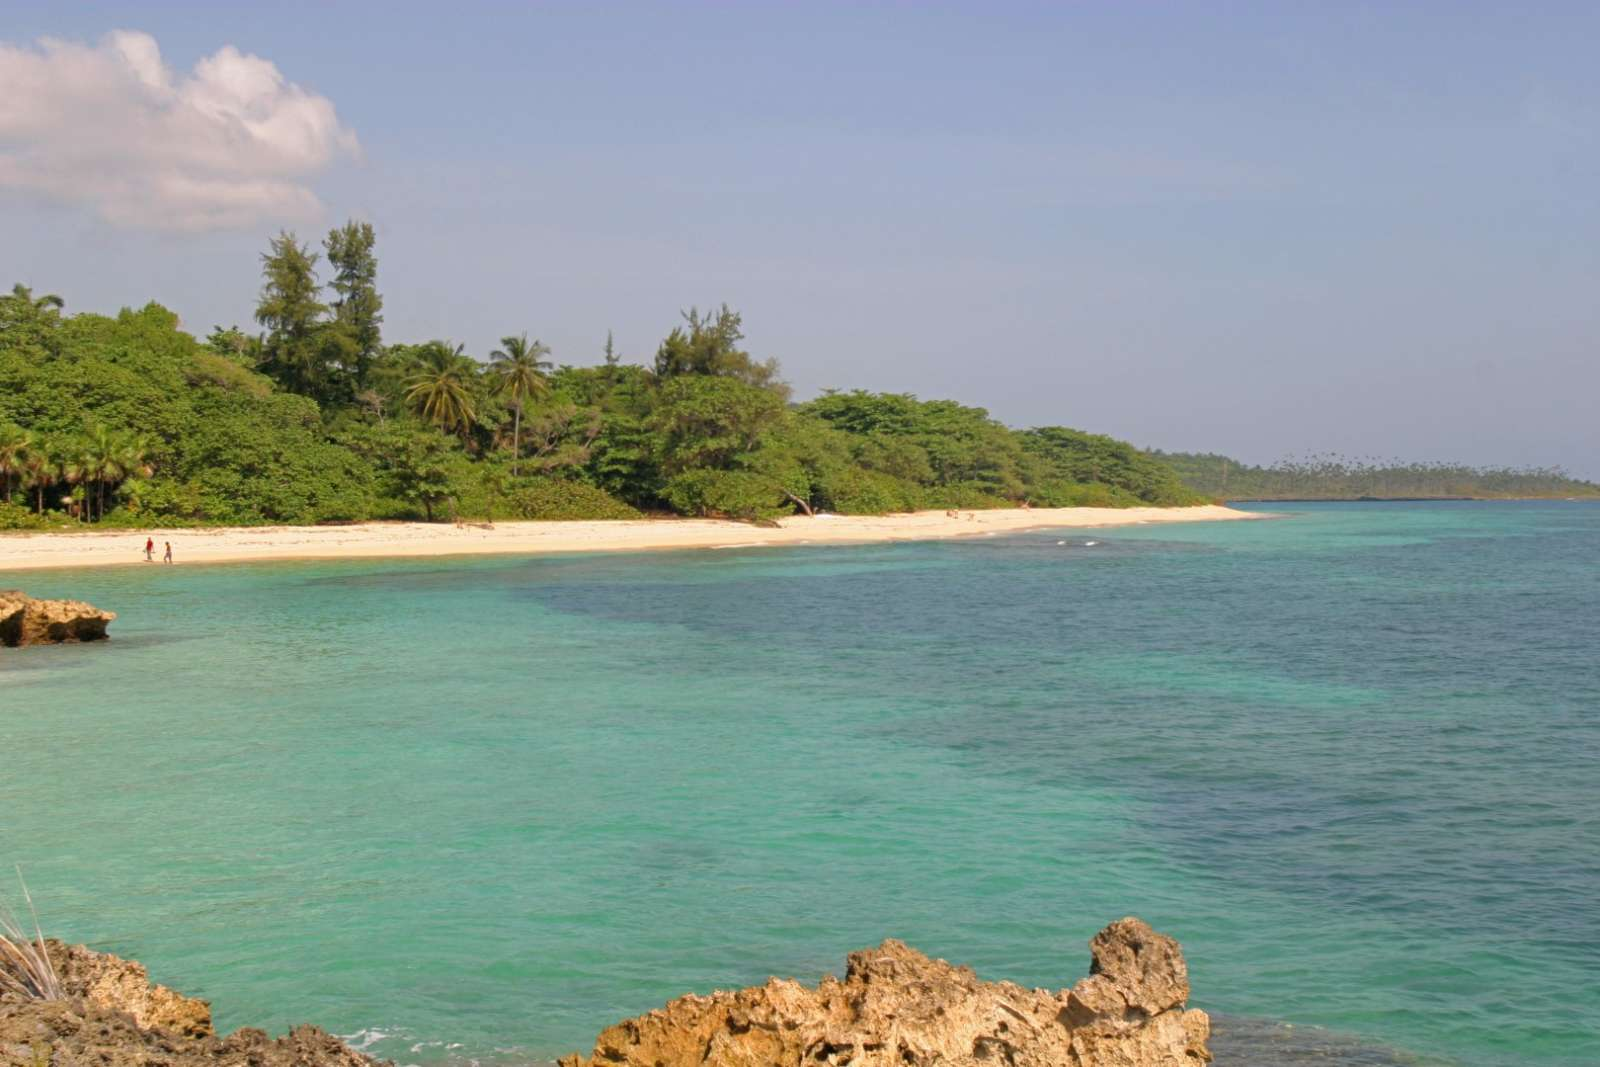 Beach at Playa Maguana near Baracoa in Cuba